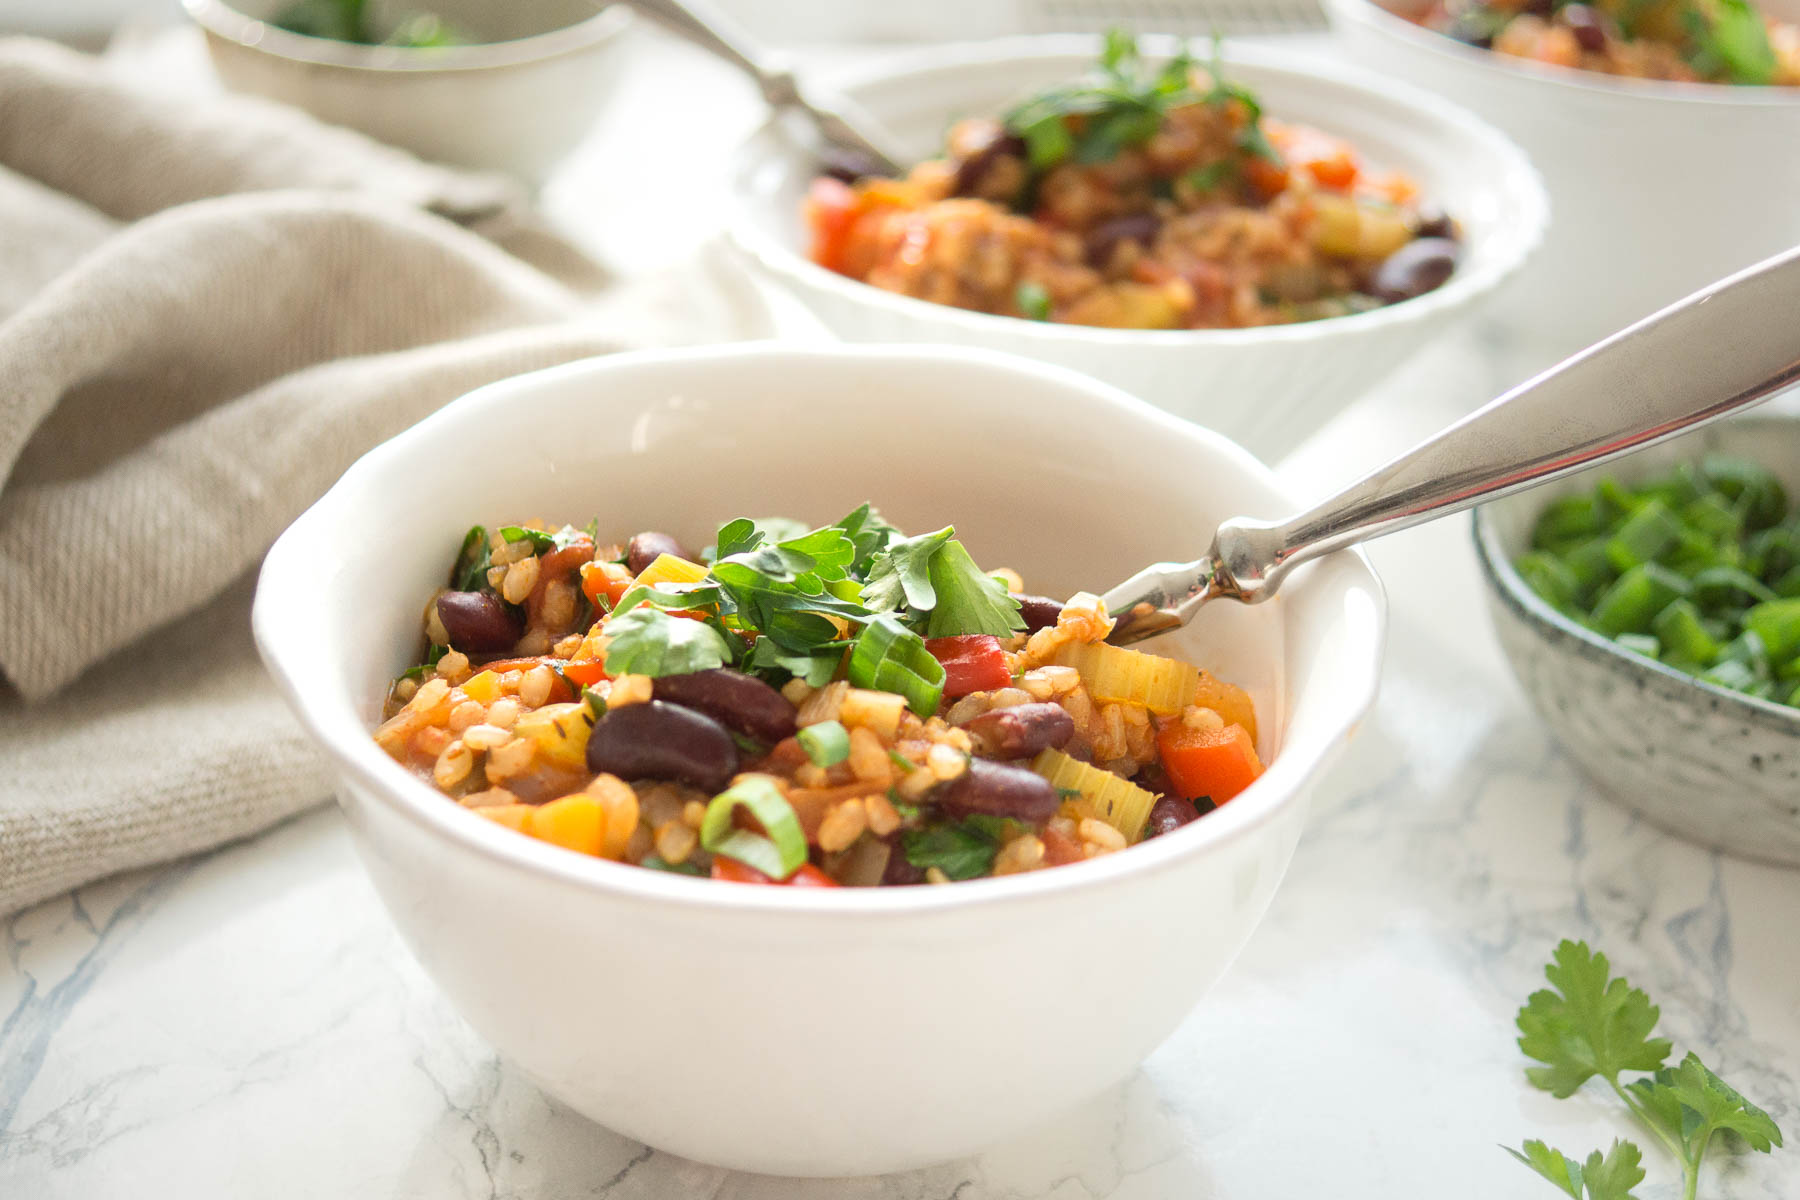 kreolische Jambalaya mit Bohnen, Paprika, Karotten, Sellerie, Reis und Tomaten, vegetarisch, vegan Rezept